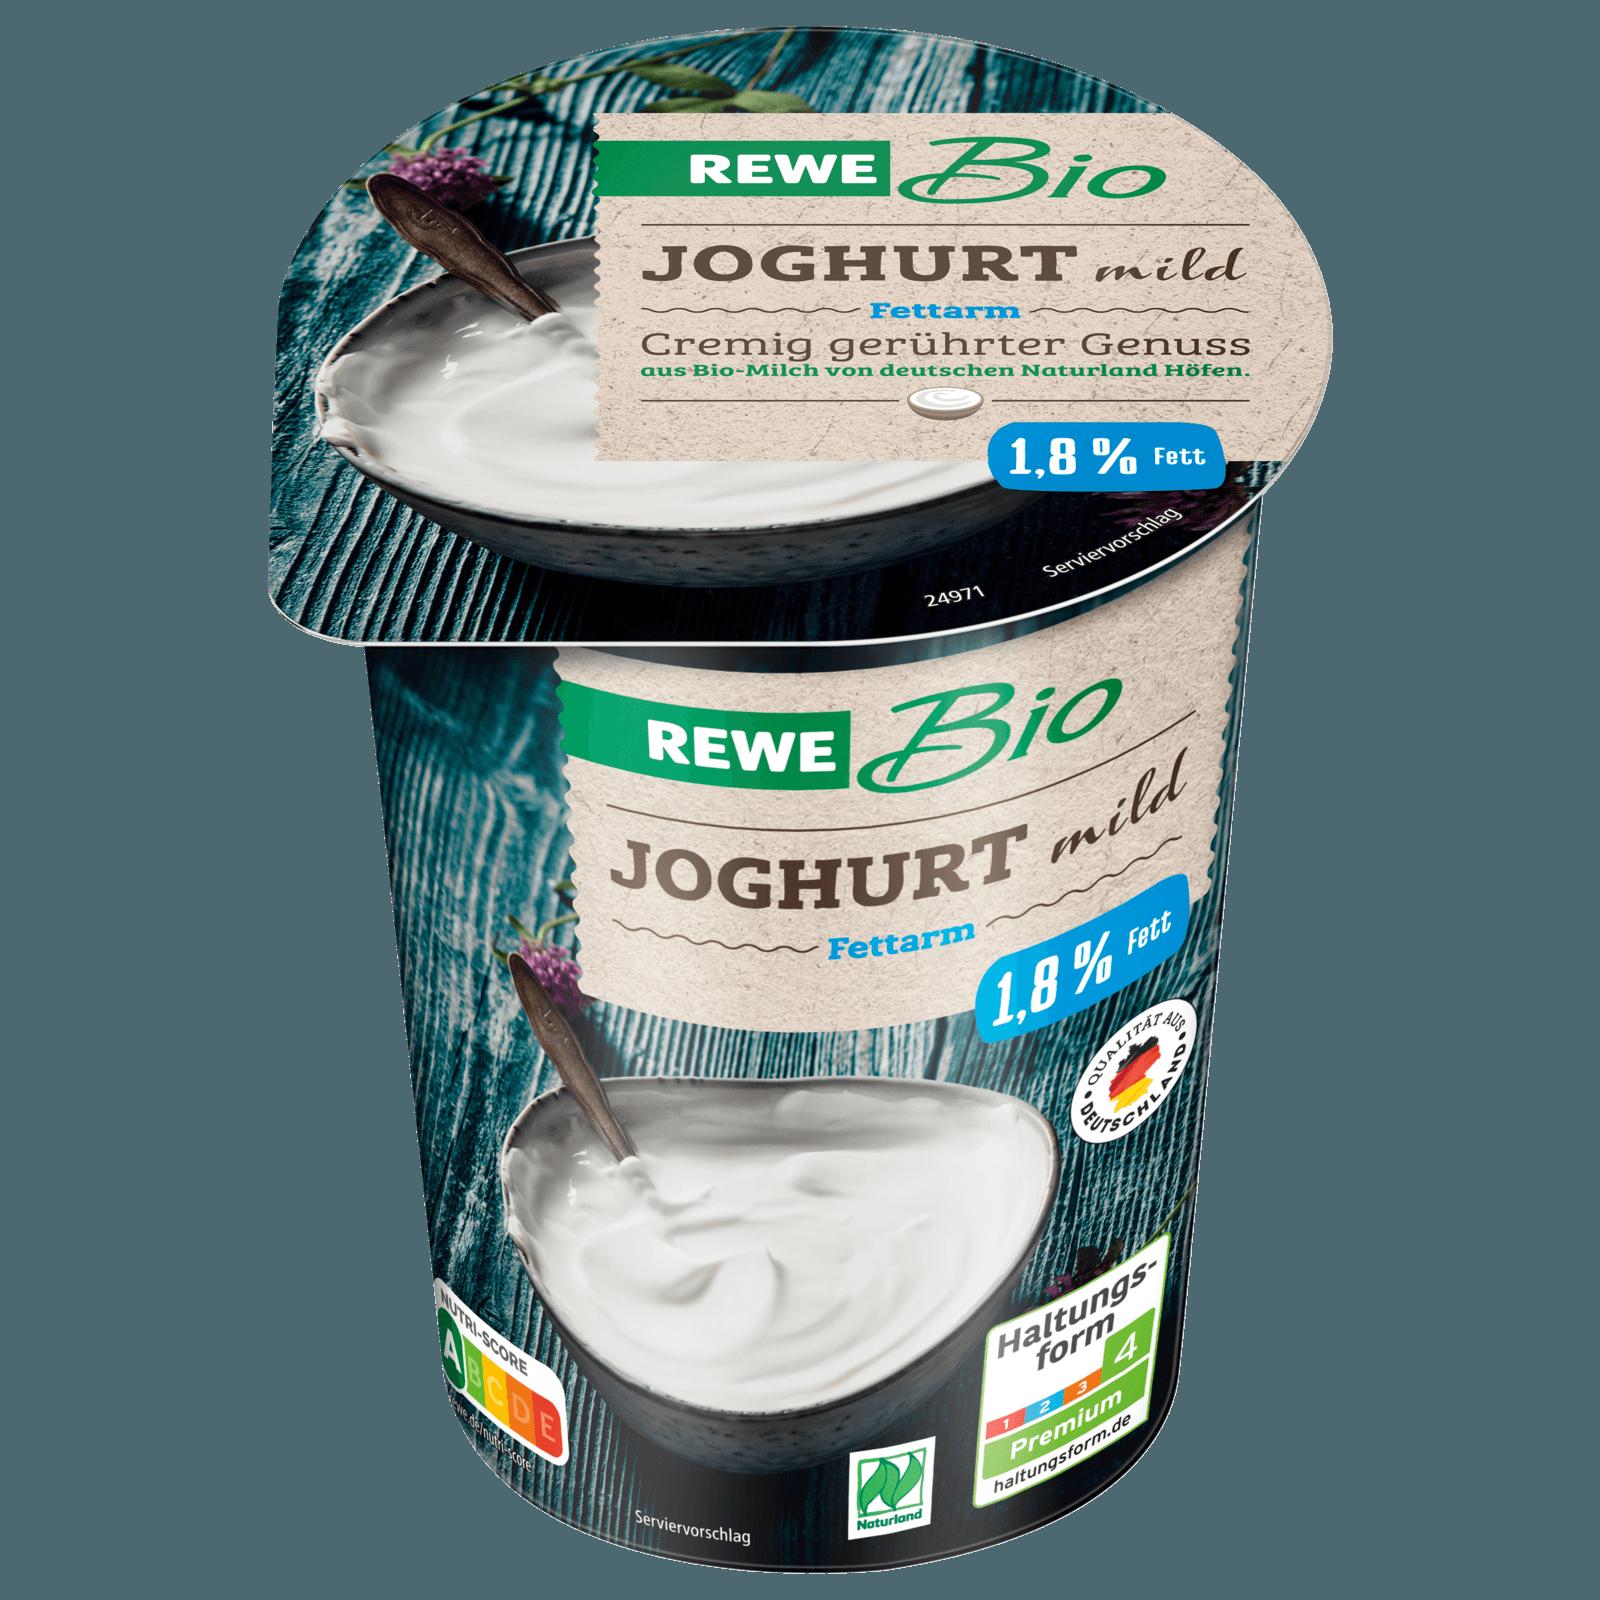 REWE Bio Joghurt mild fettarm 500g